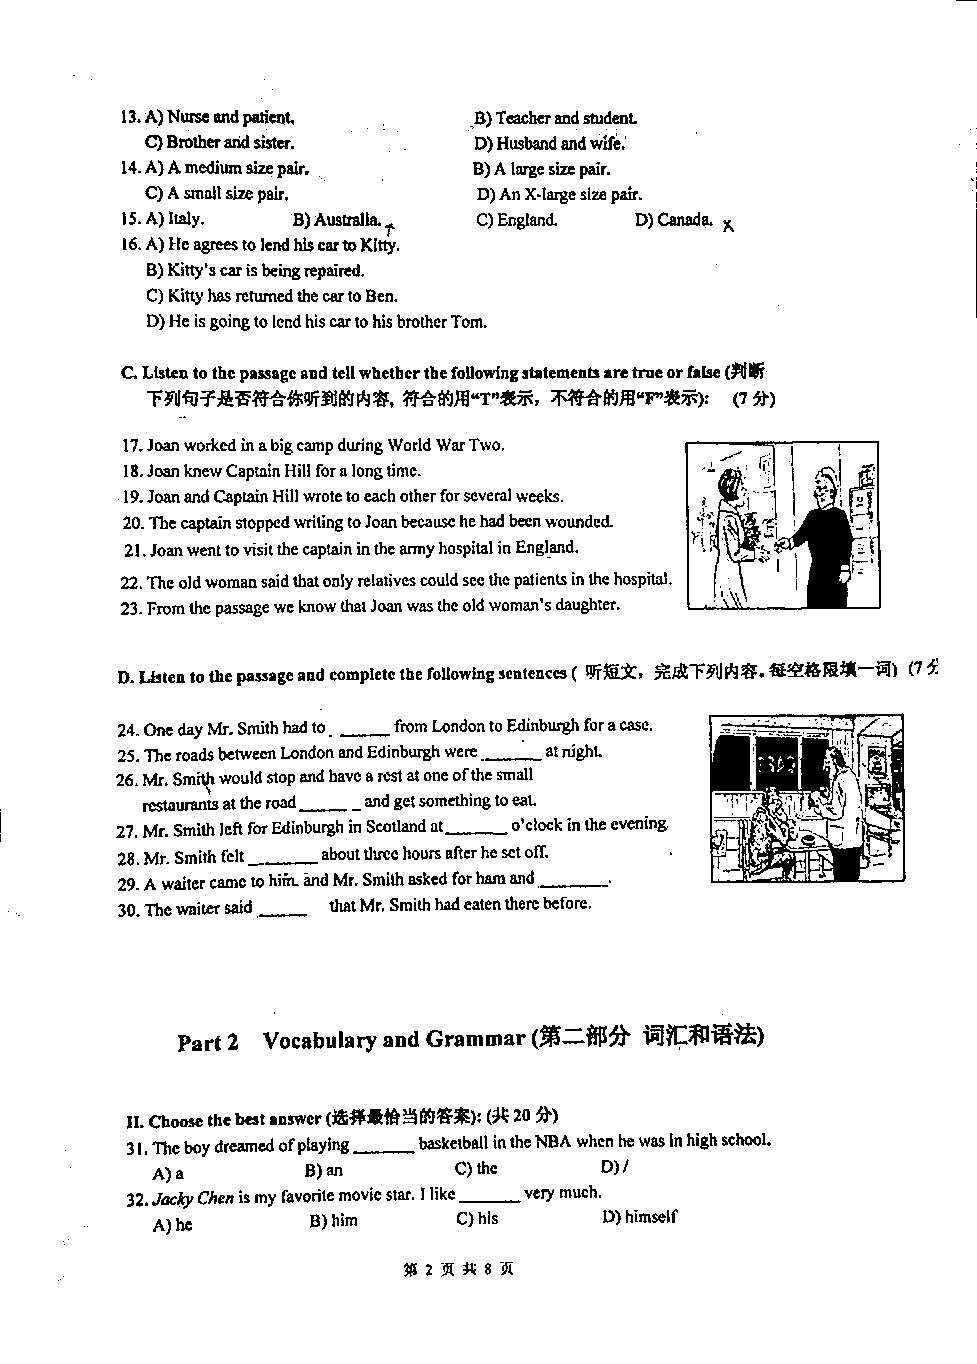 2012学年闵行区第二学期九年级质量调研考试英语卷